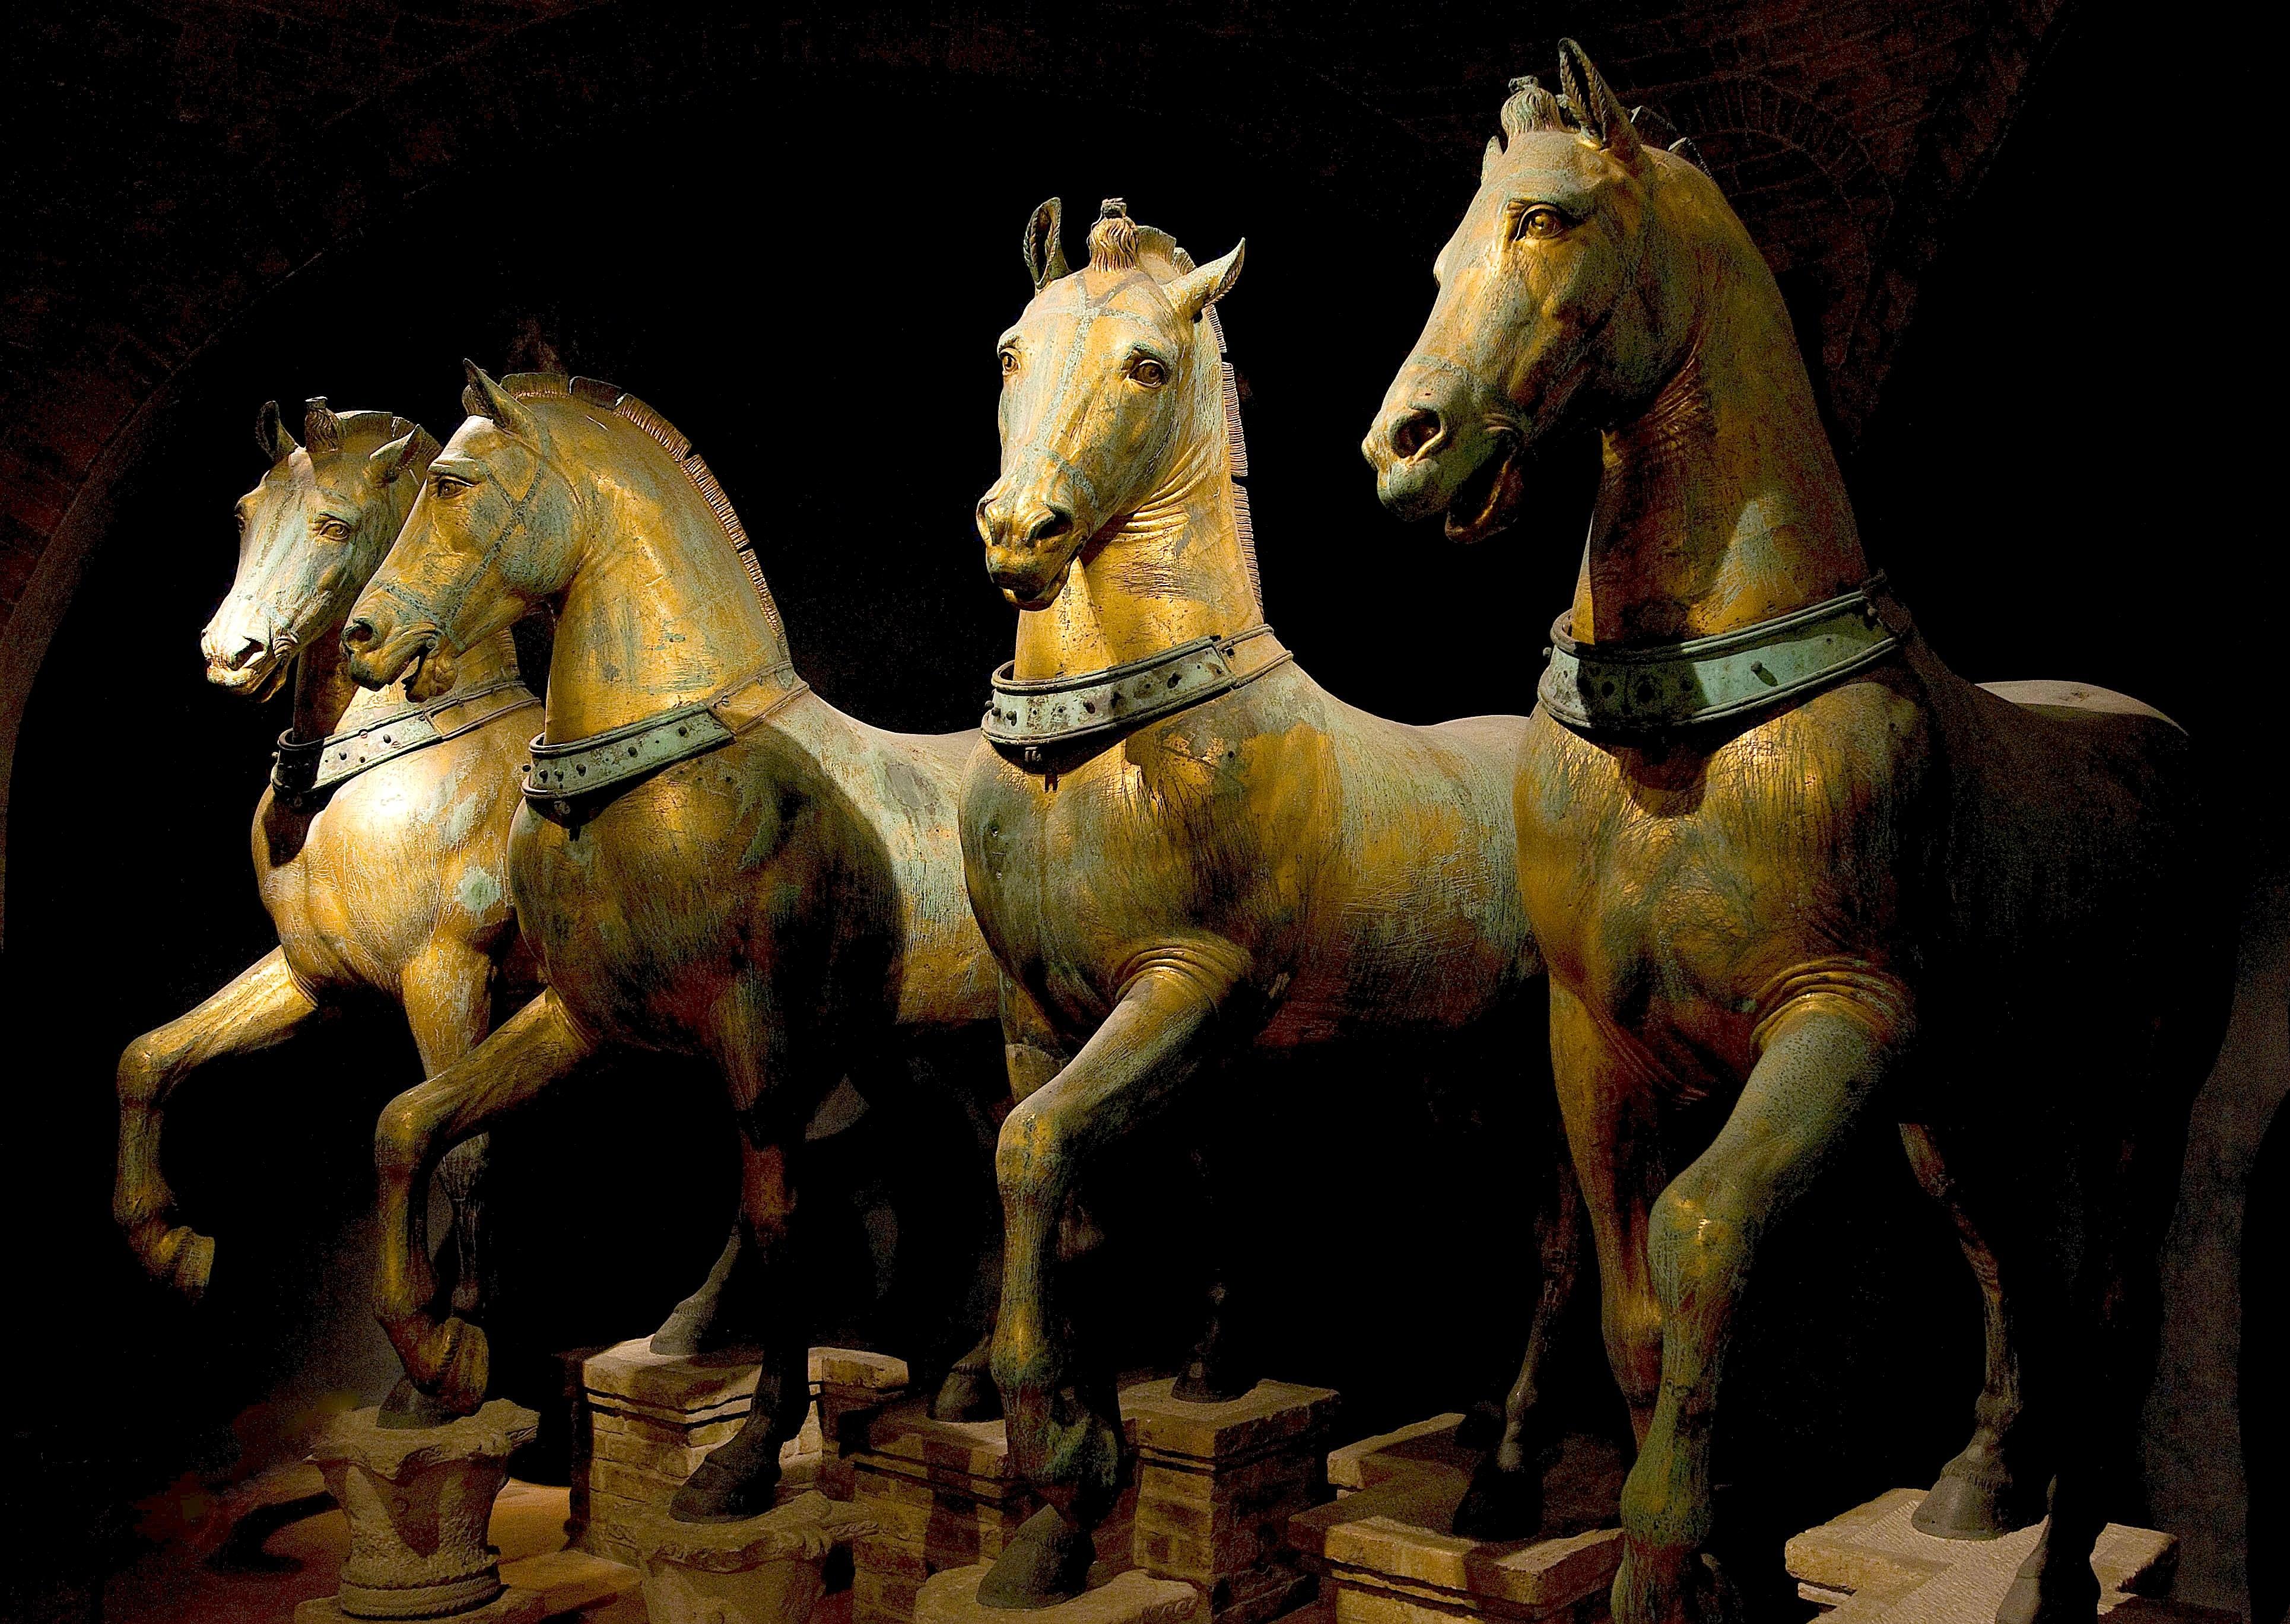 Τα μπρούτζινα άλογα του ιπποδρόμου της Κωνσταντινούπολης. Πηγή: wikimedia